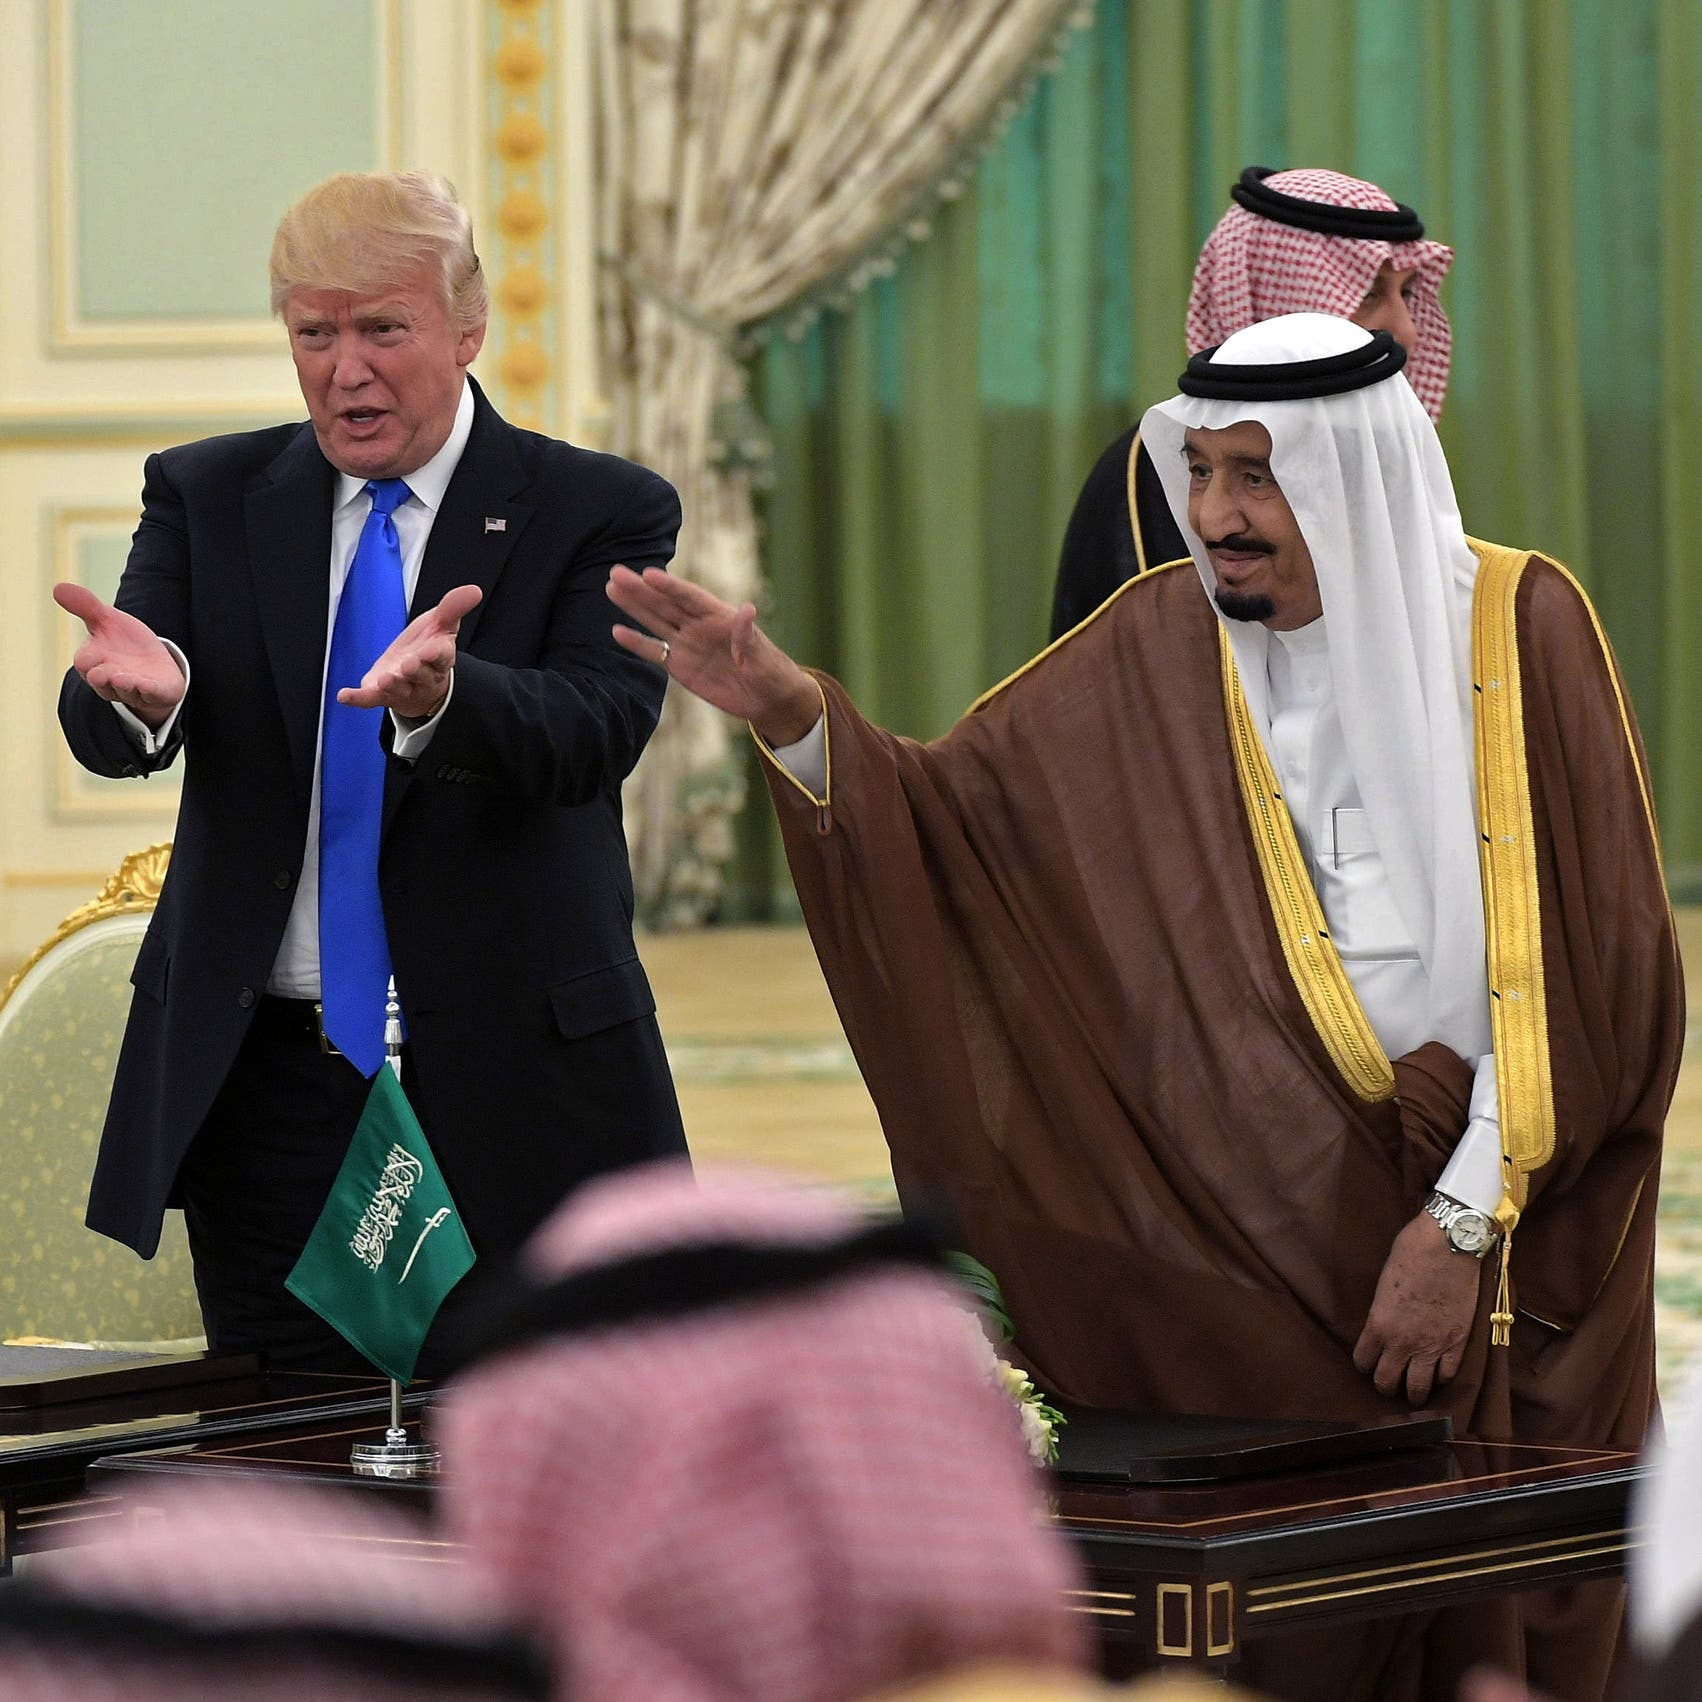 سيناتور يدعو ترمب للتحرك: السعودية قدمت أقوى دعوة للتعاون الدولي